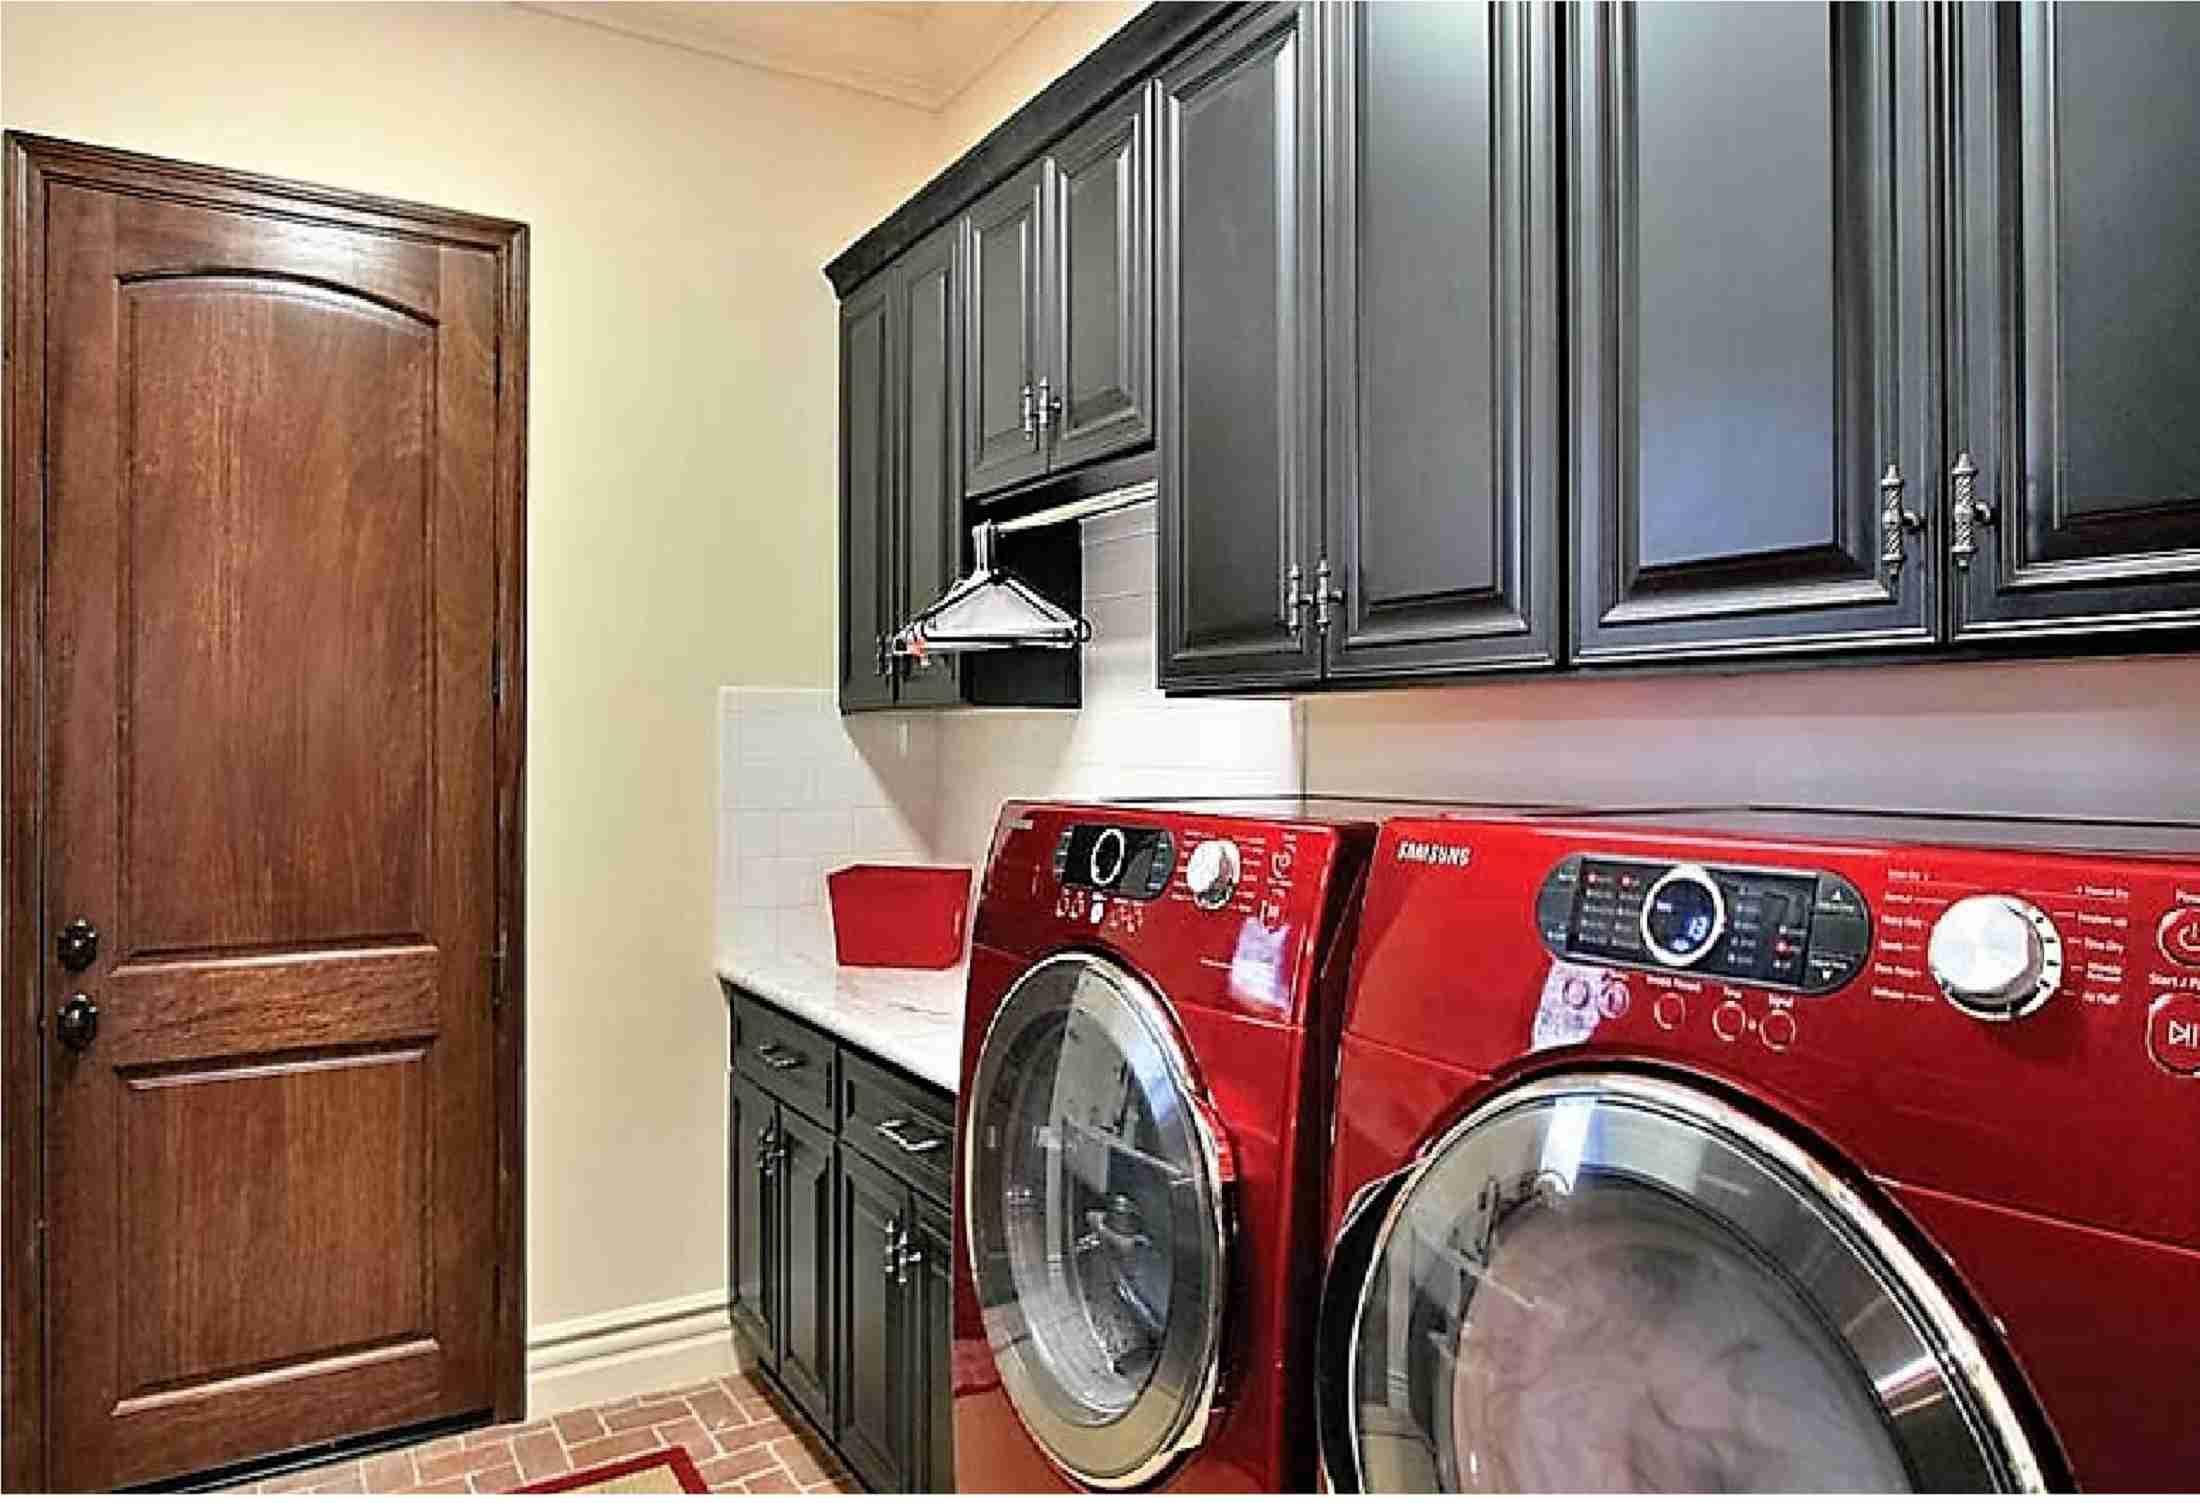 Laundry Appliances Color BIG